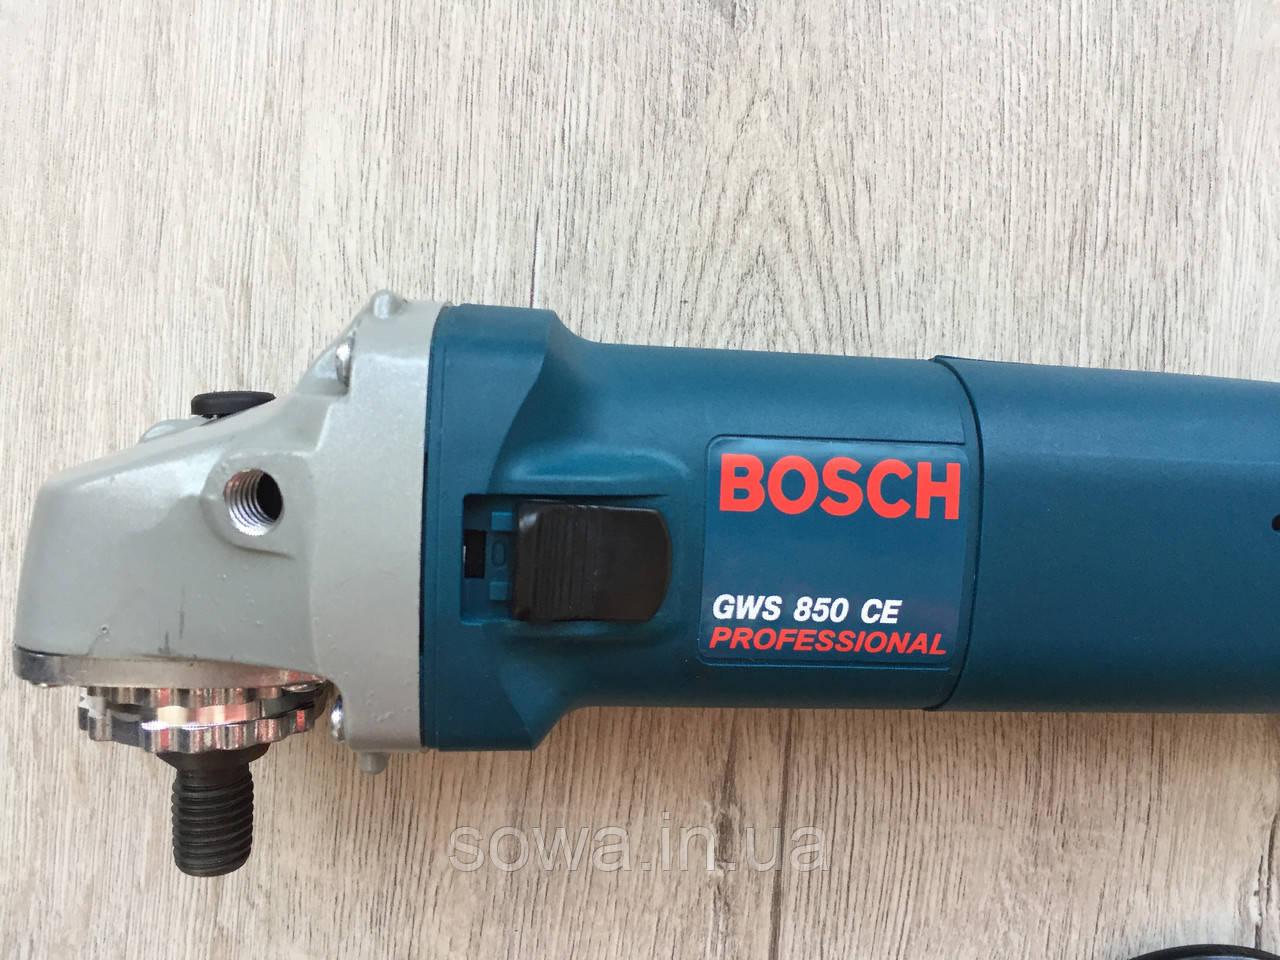 ✔️ Болгарка, ушм - Bosch GWS 850CE   Регулятор оборотів, Гарантія якості